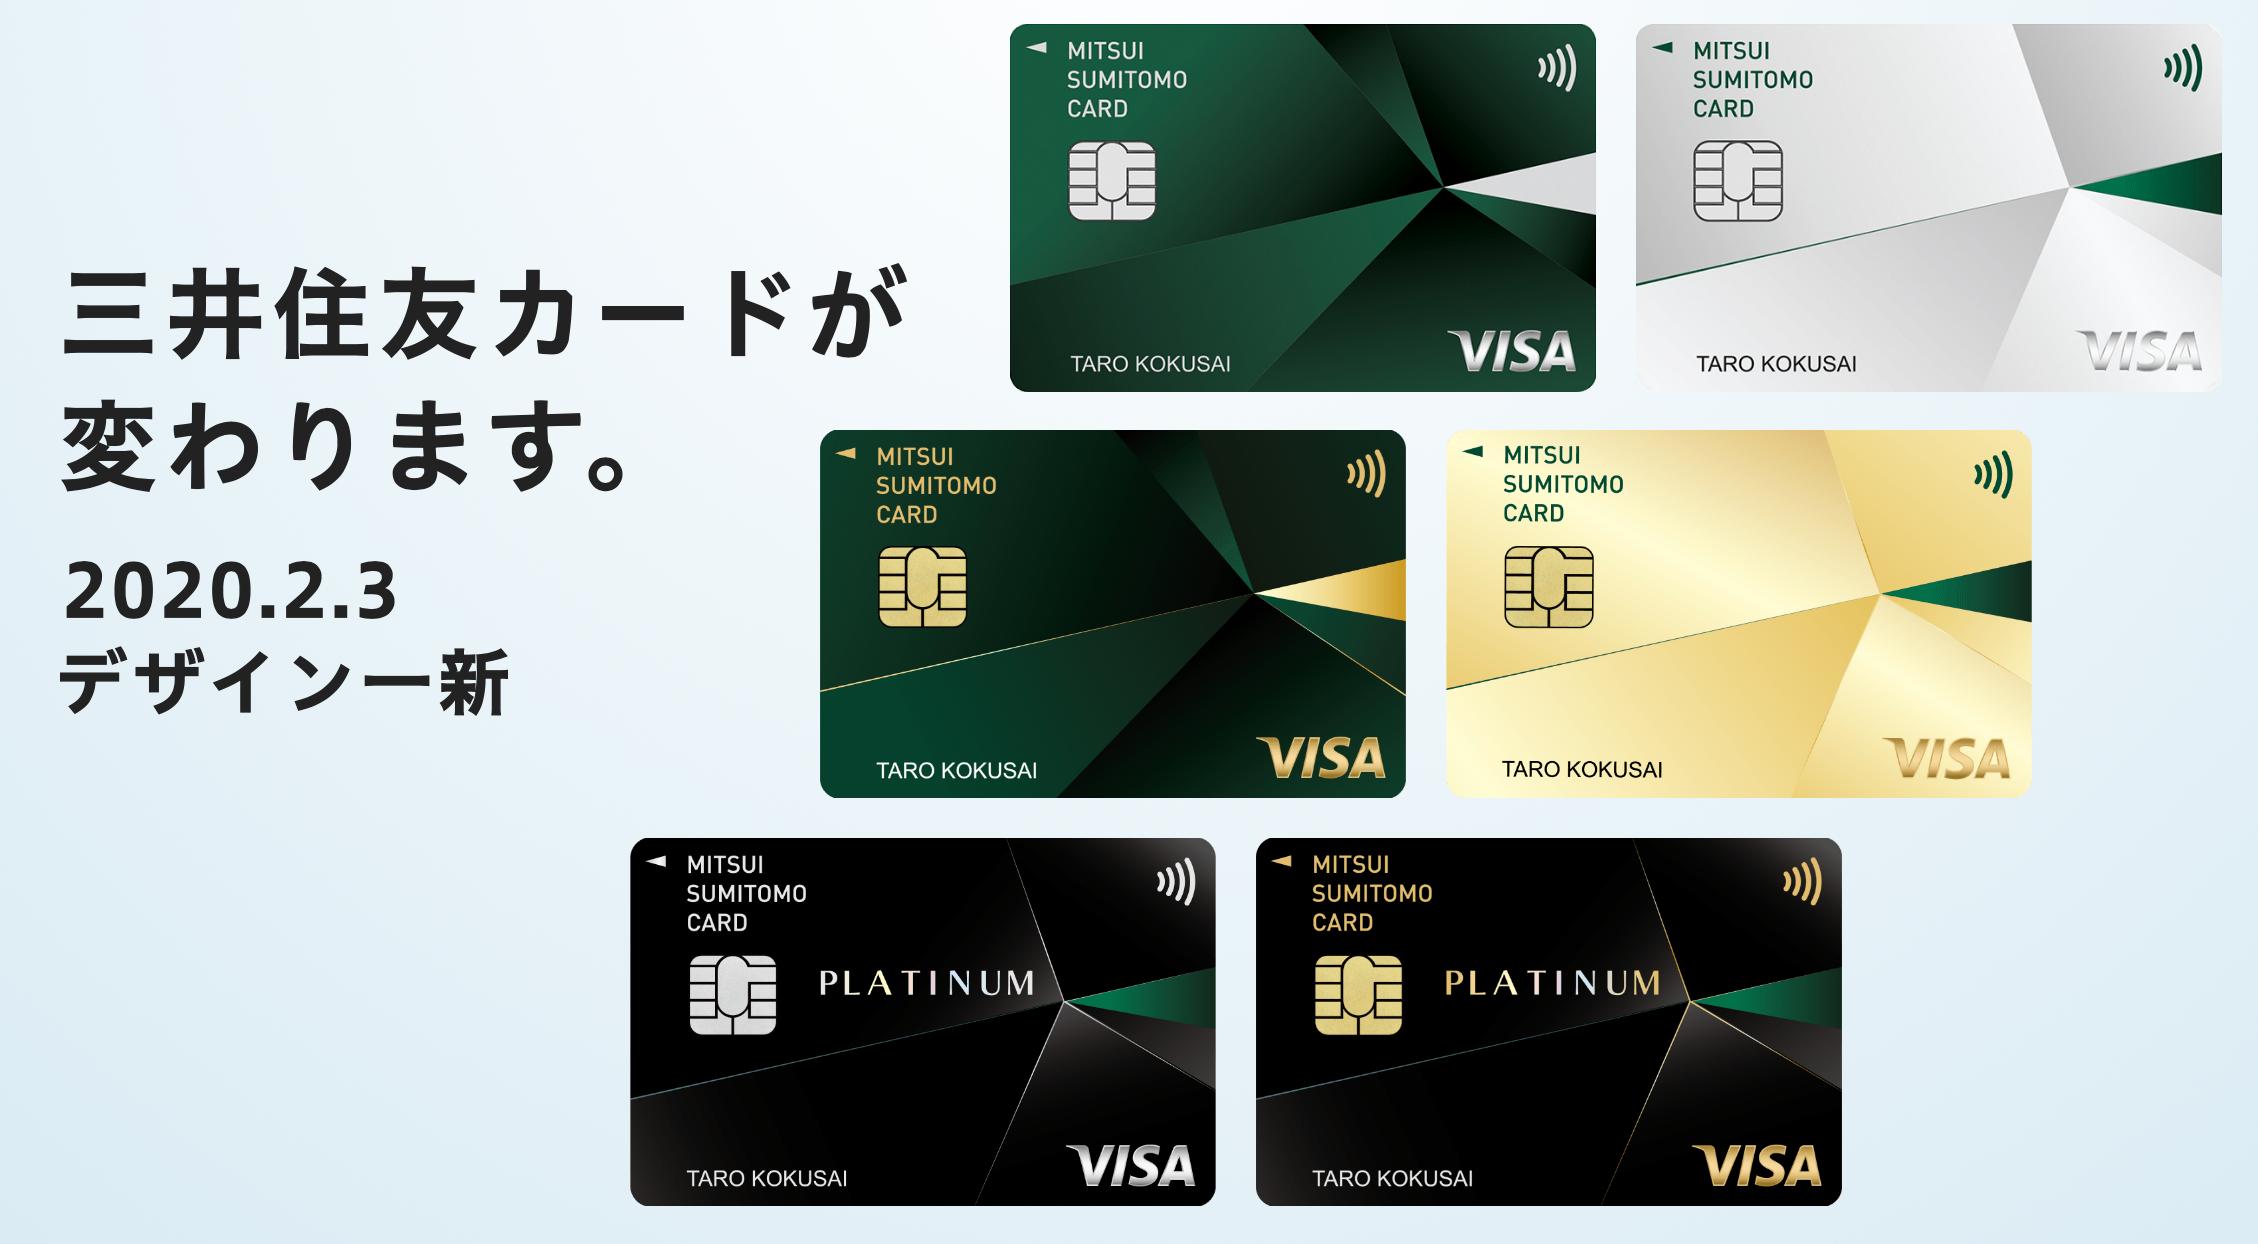 三井住友カードの新カードデザイン